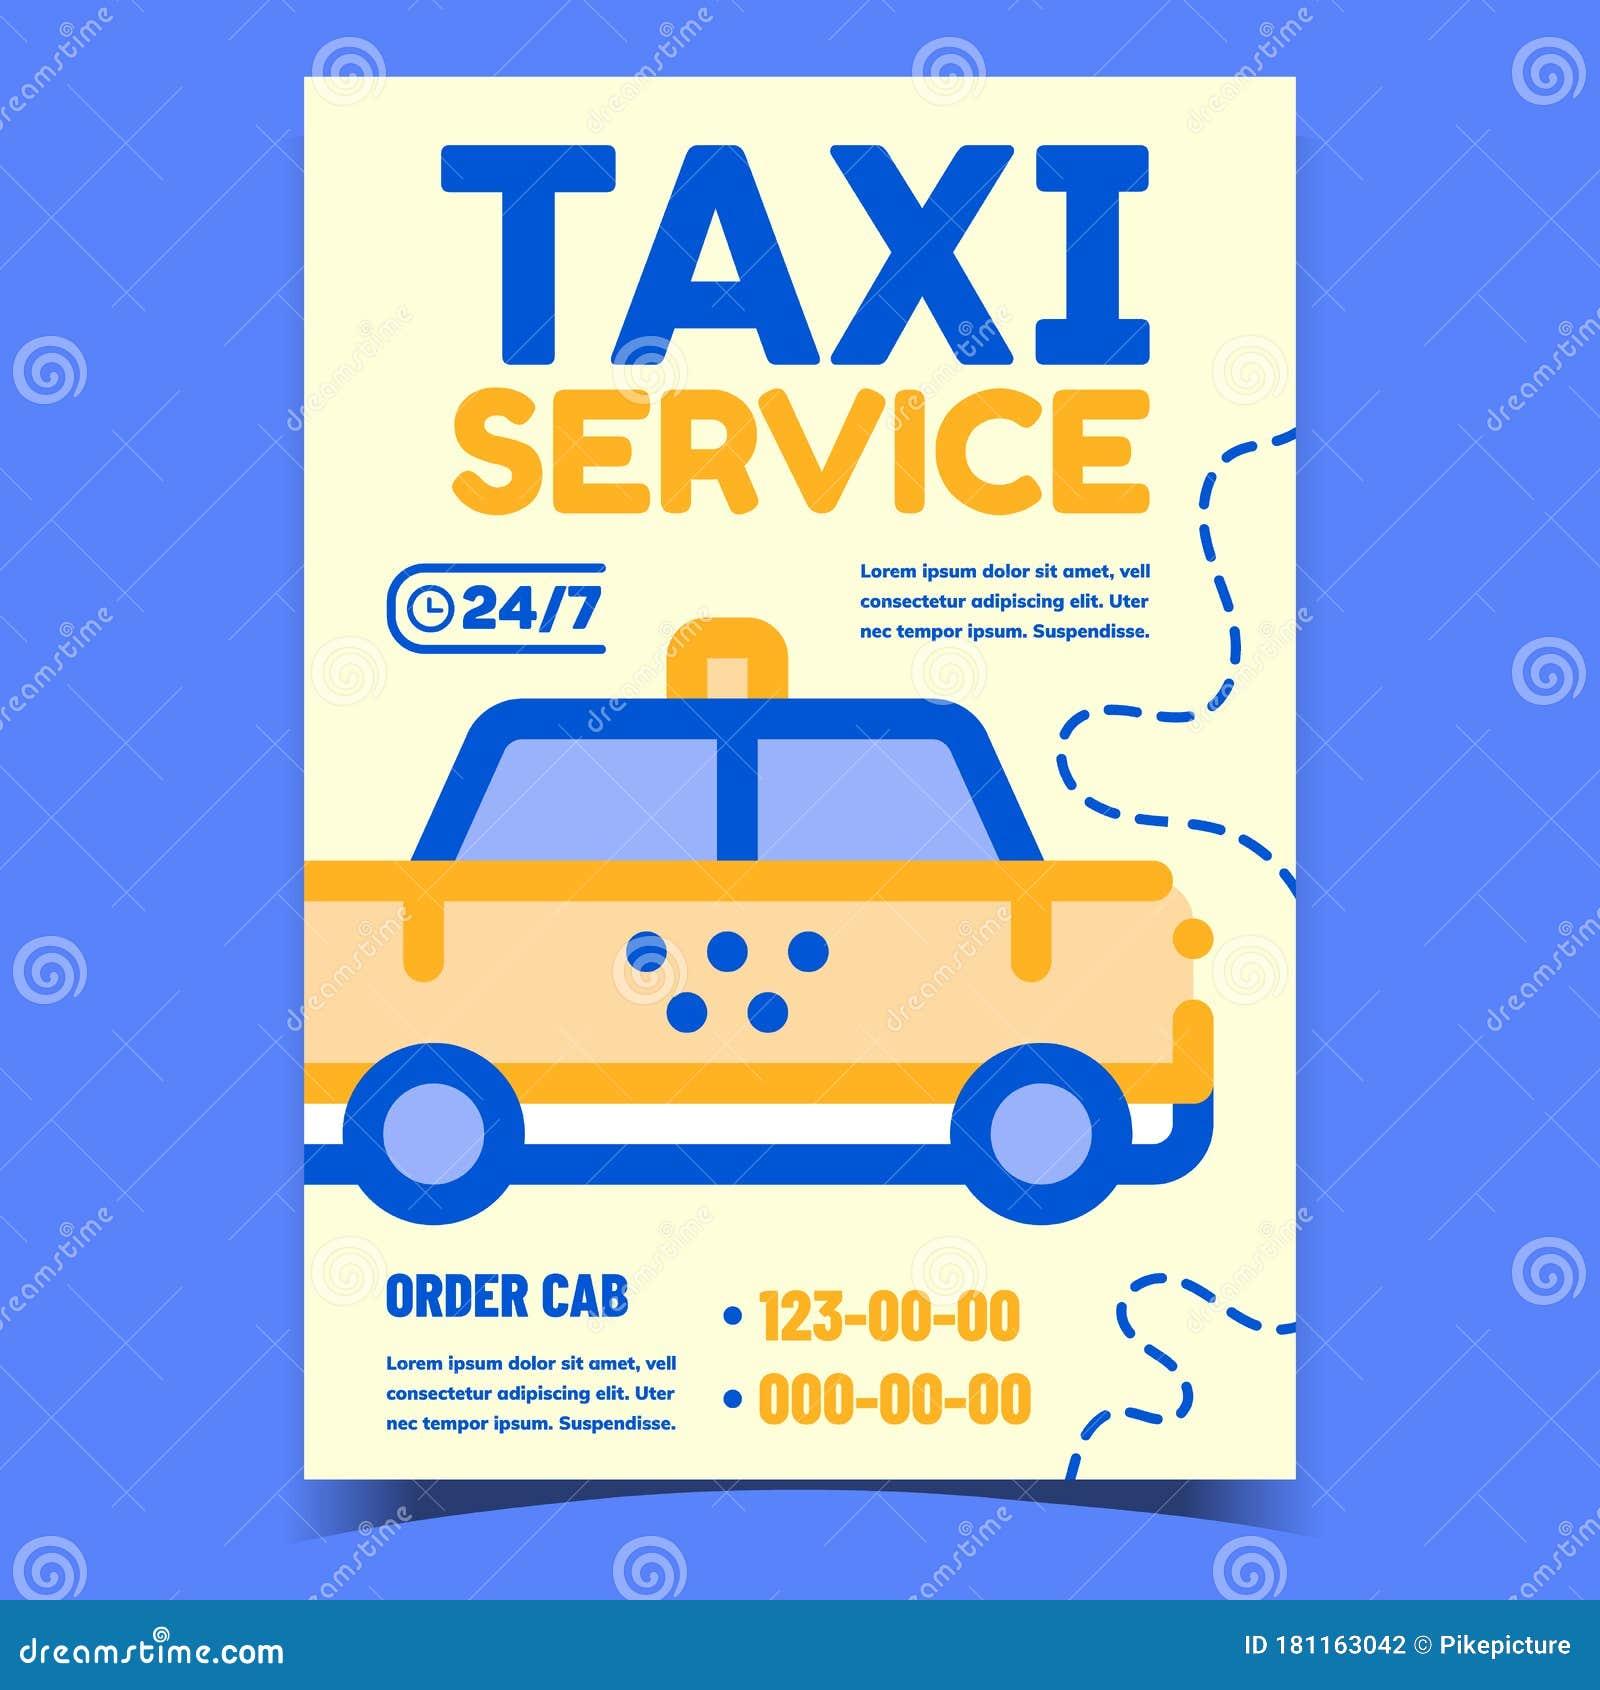 Taxi Service Creative Advertising Poster Vector Stock ...